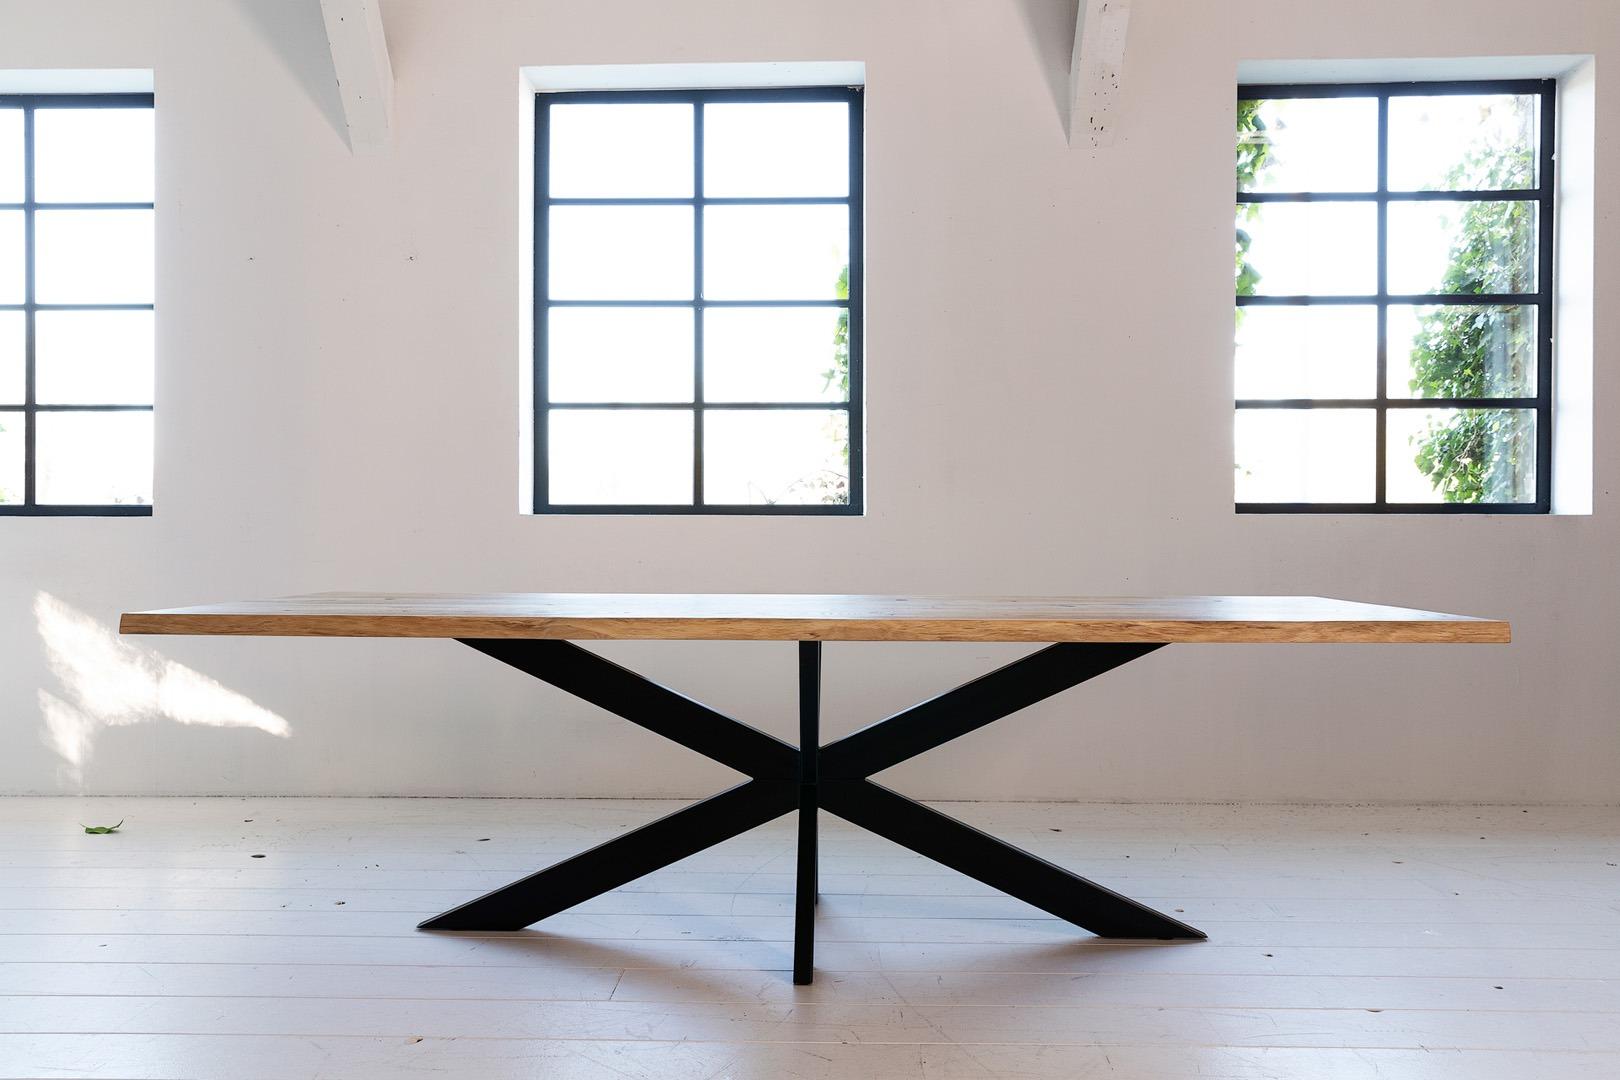 zanzibar-recht-tafel-hout-soofs-interieur-2-.jpg (1) (1)